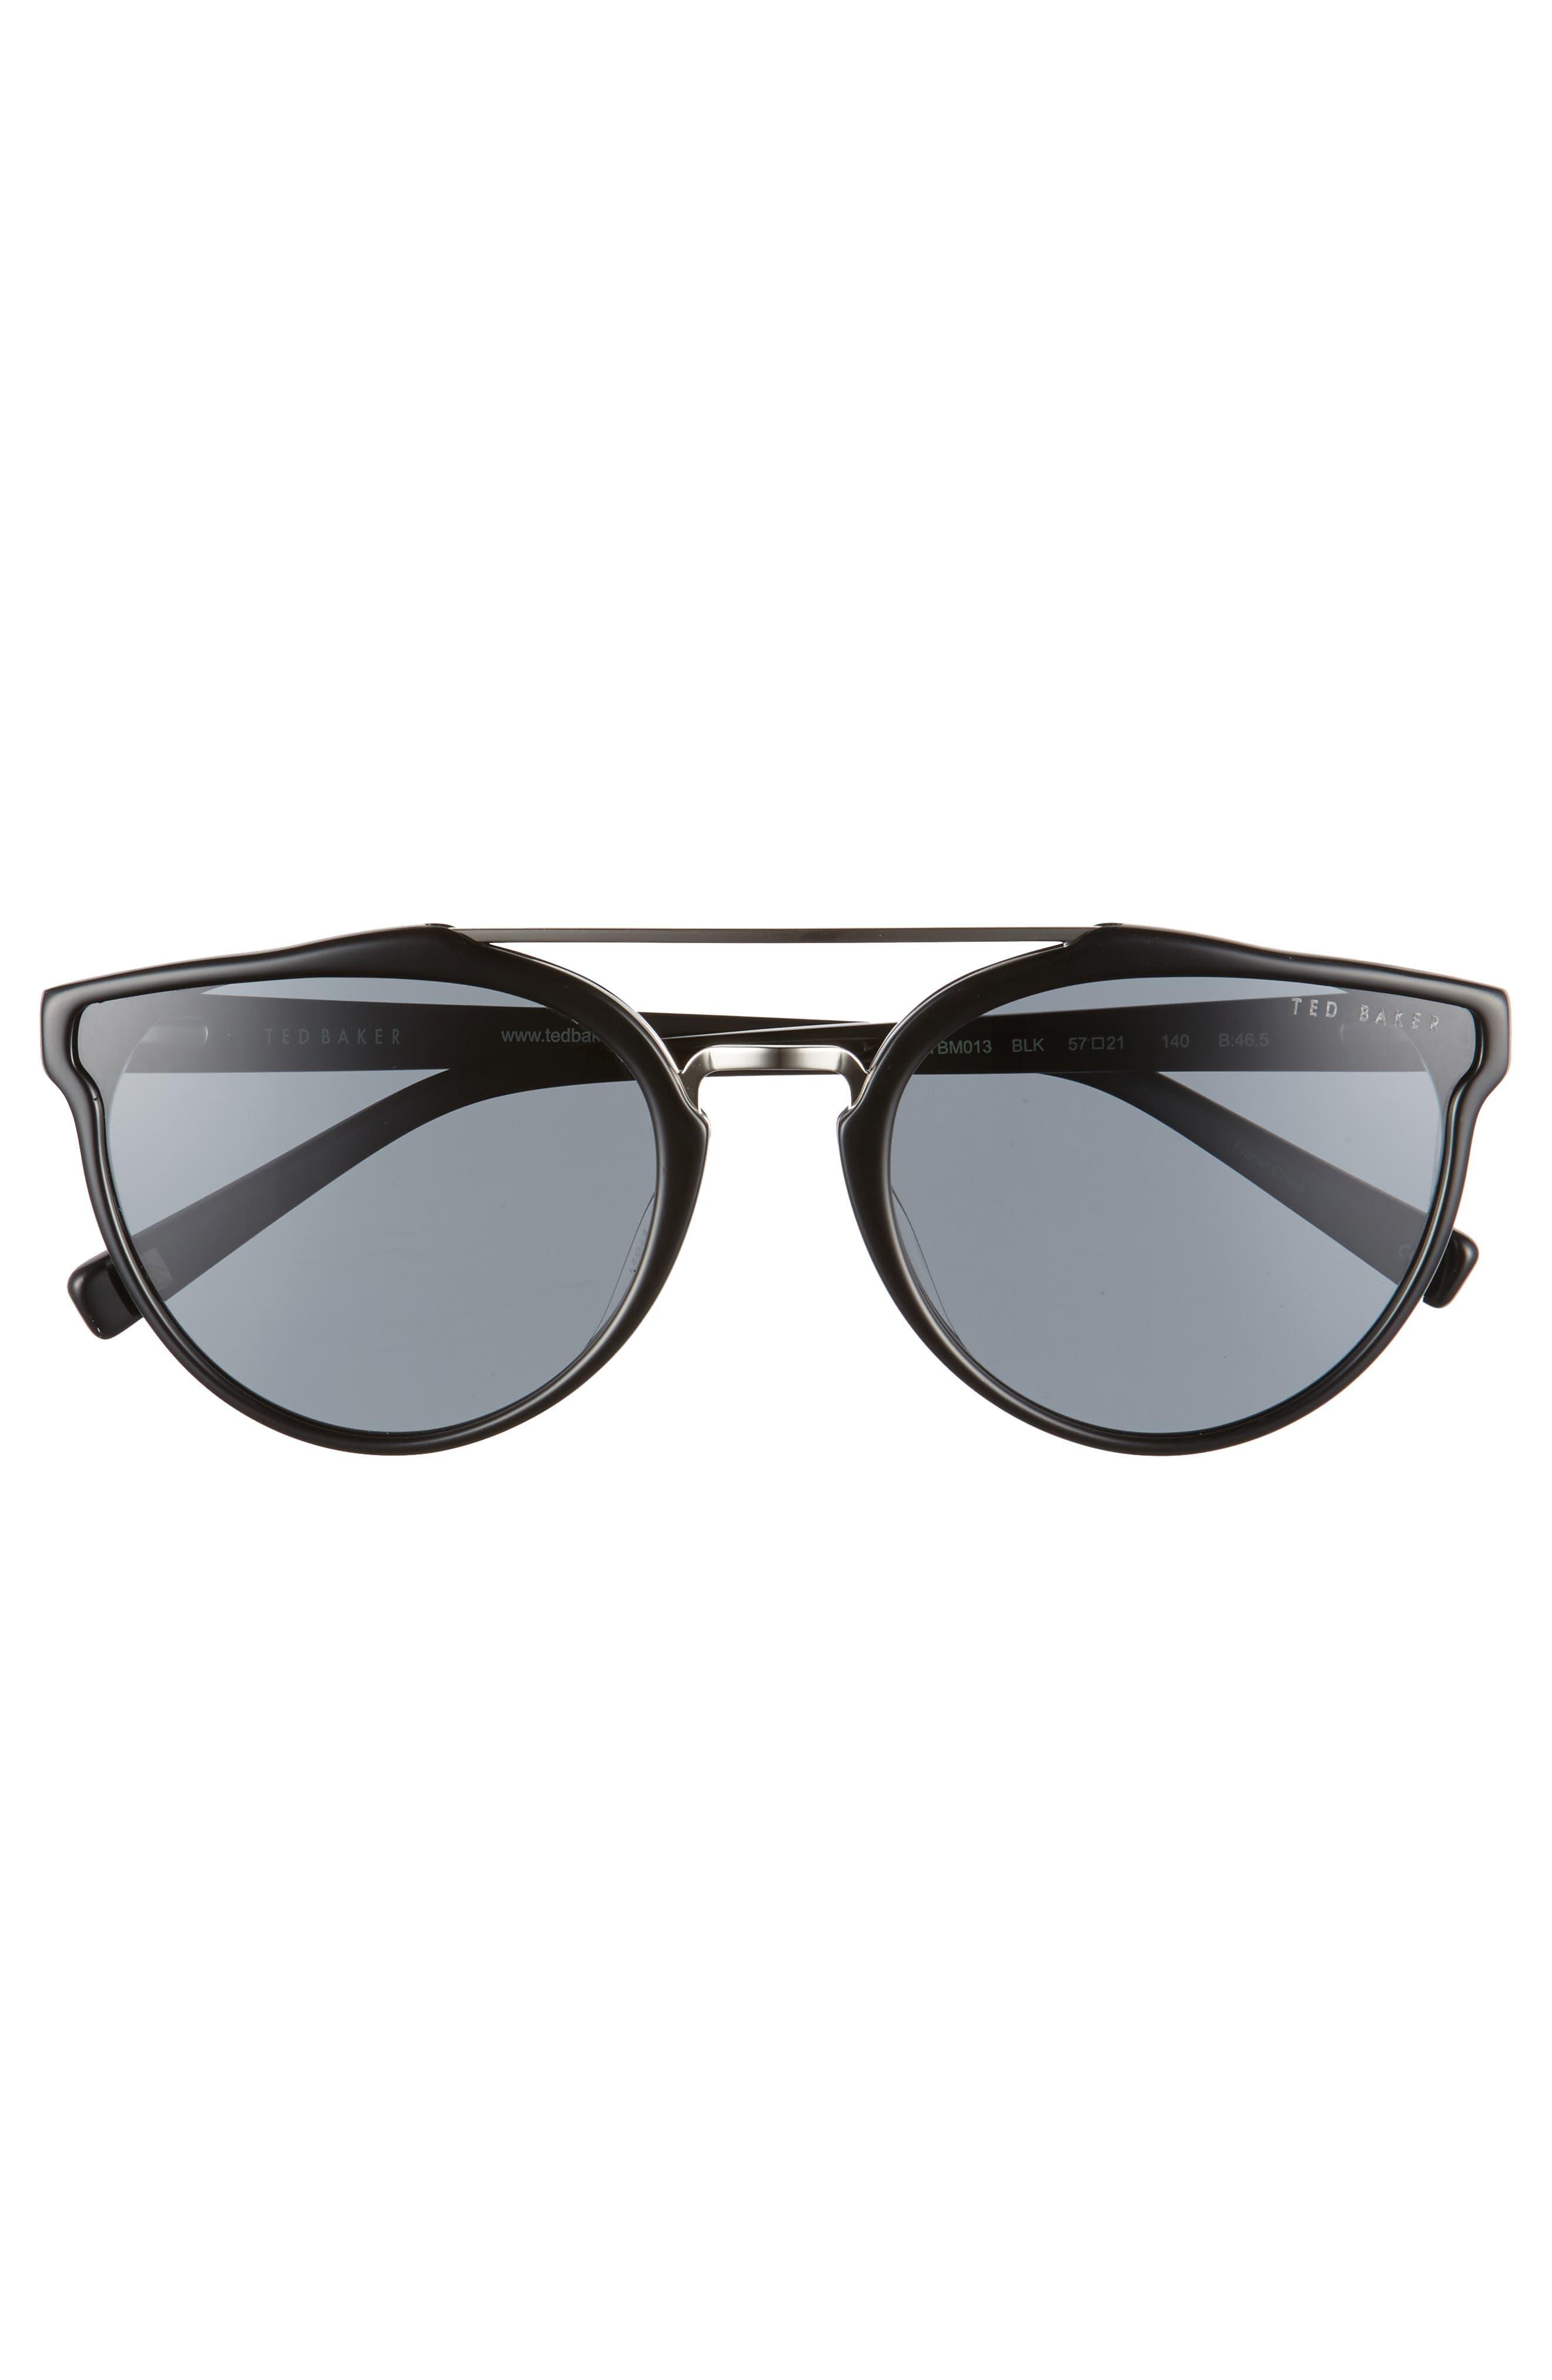 Retro 57mm Polarized Sunglasses,                             Alternate thumbnail 2, color,                             001